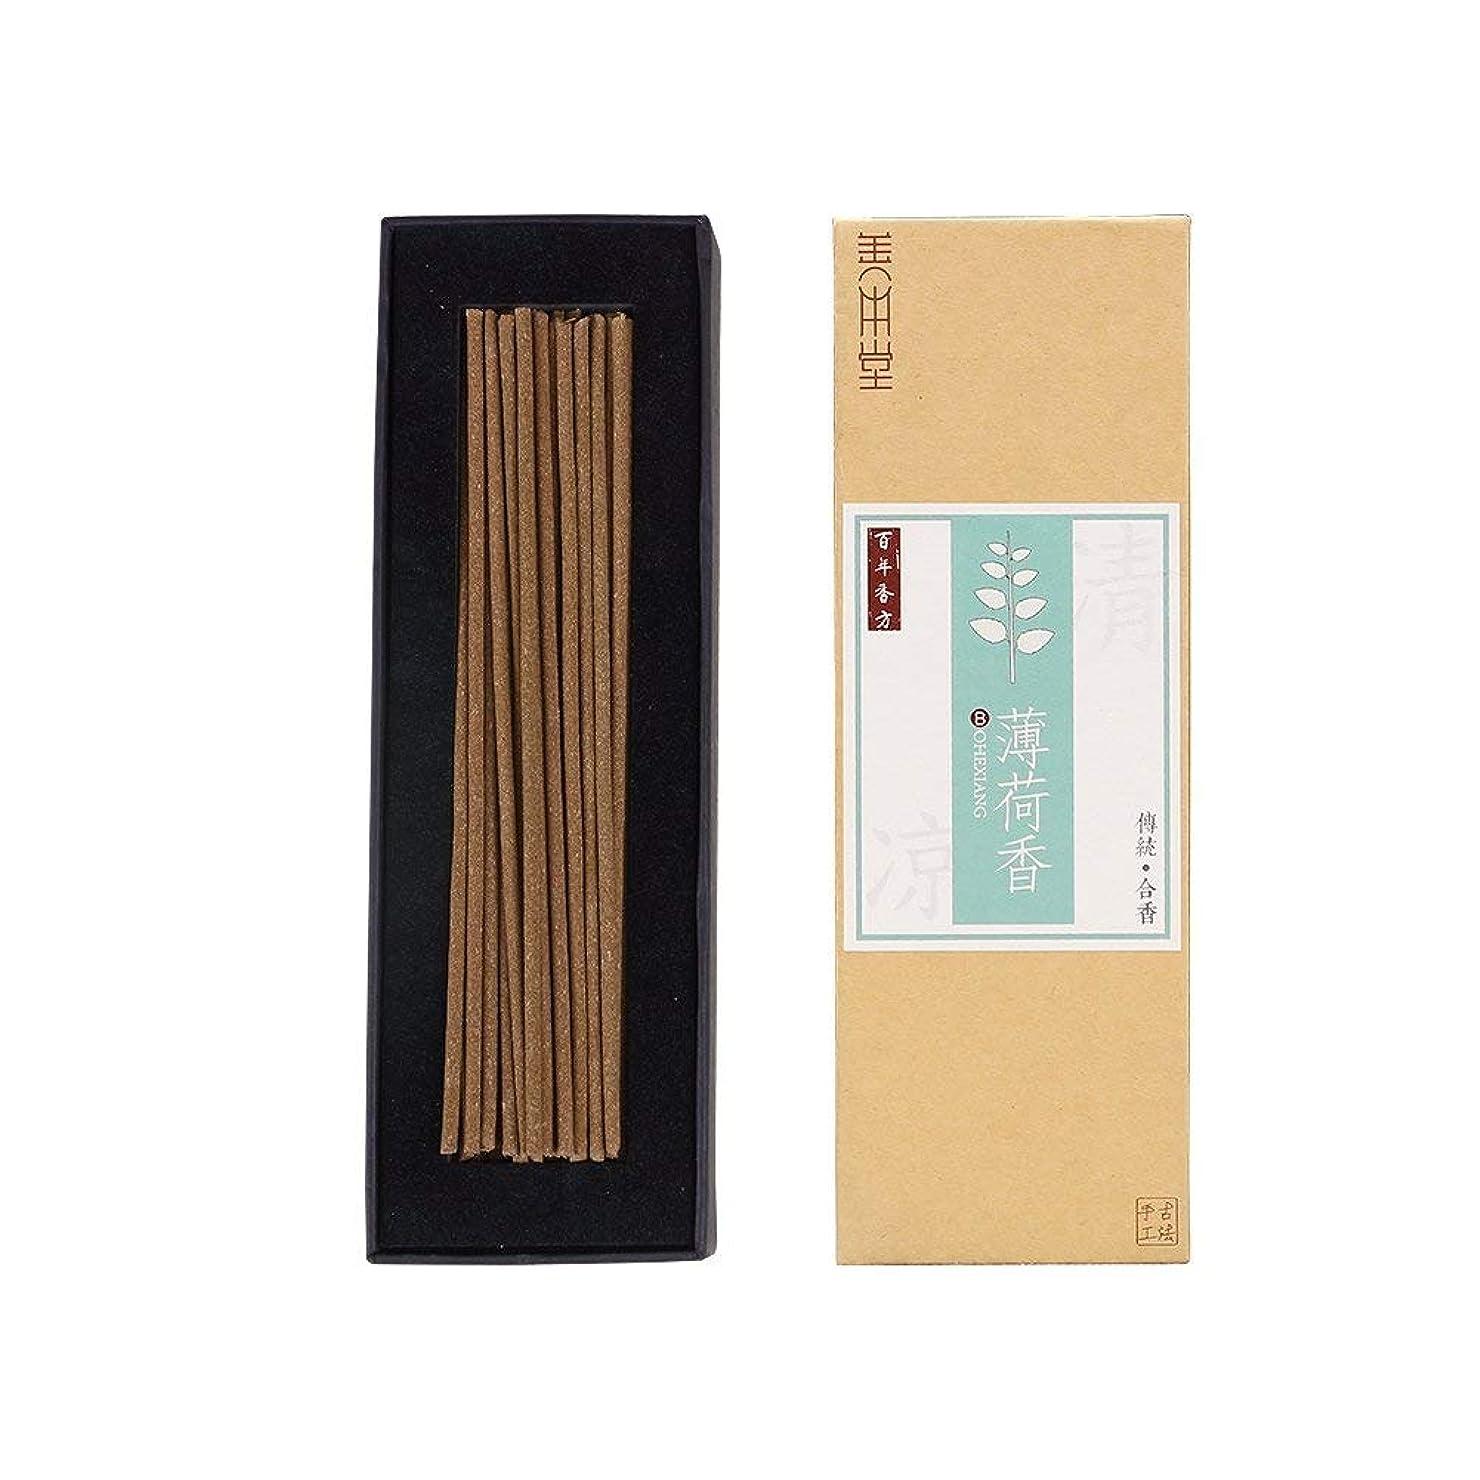 冷酷なストレスの多いなぞらえるshanbentang Incense Sticks Classical Chinese Incense、古代の知恵、アロマの千年前、ミント味( 5.5in ) 5.5in ブラウン